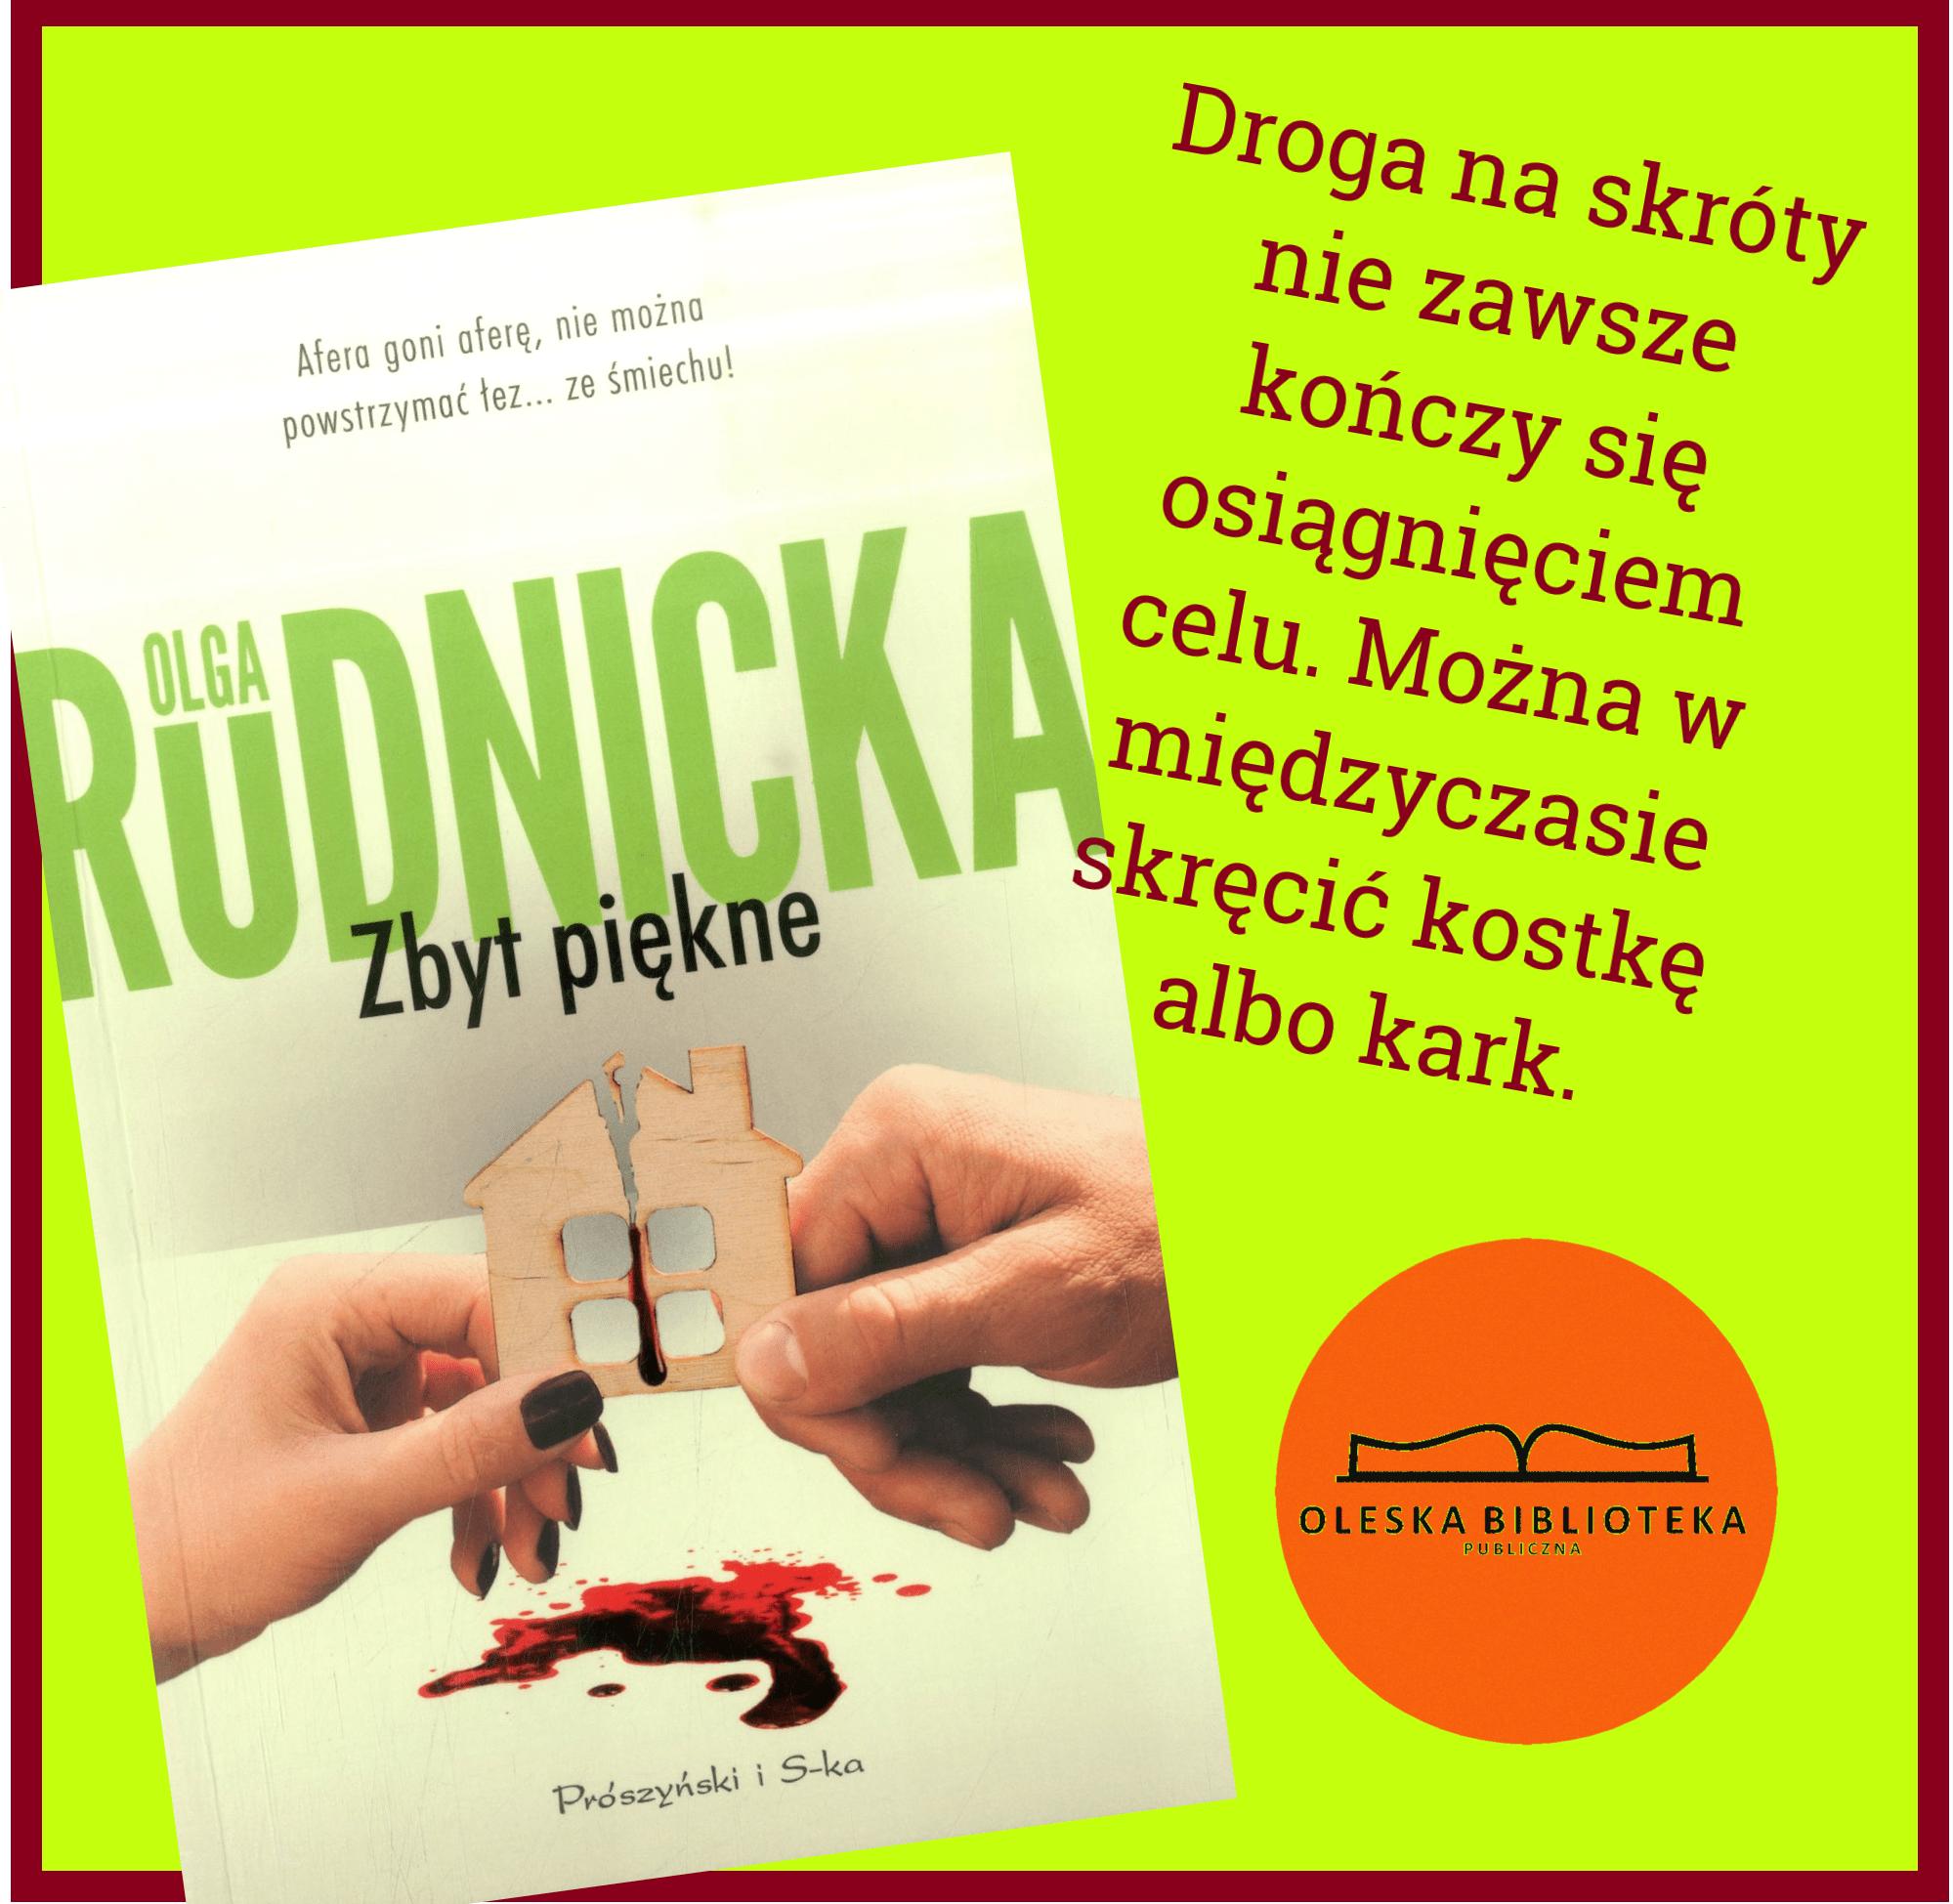 Olga Rudnicka - cytaty